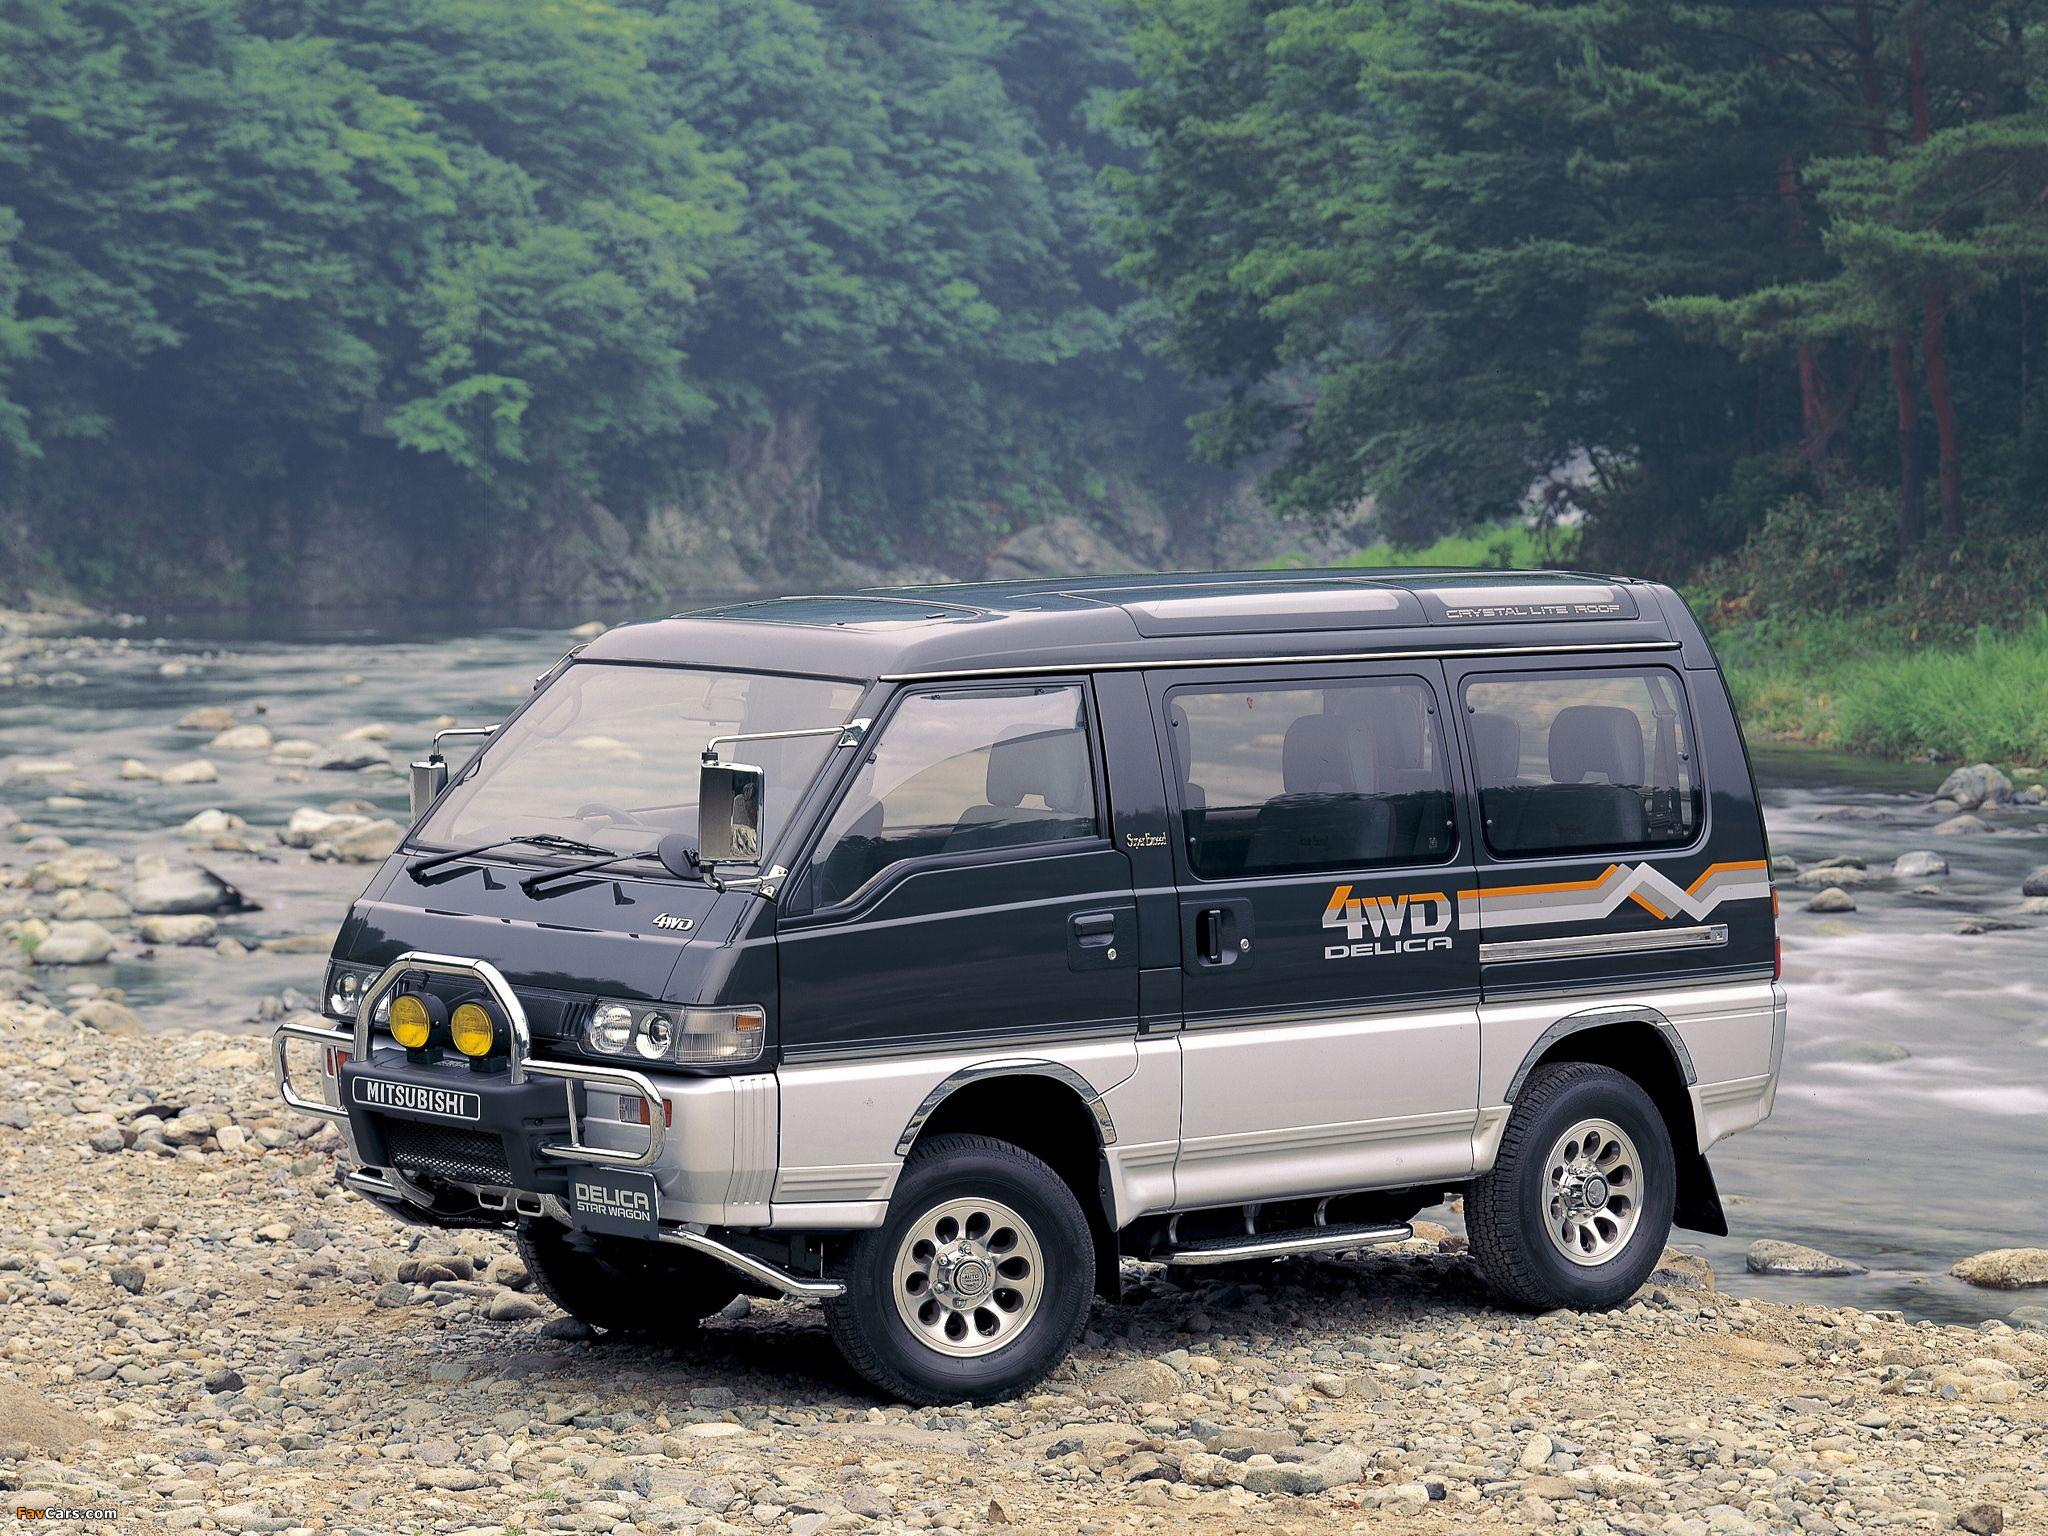 4 wheel dr delica van - Google Search